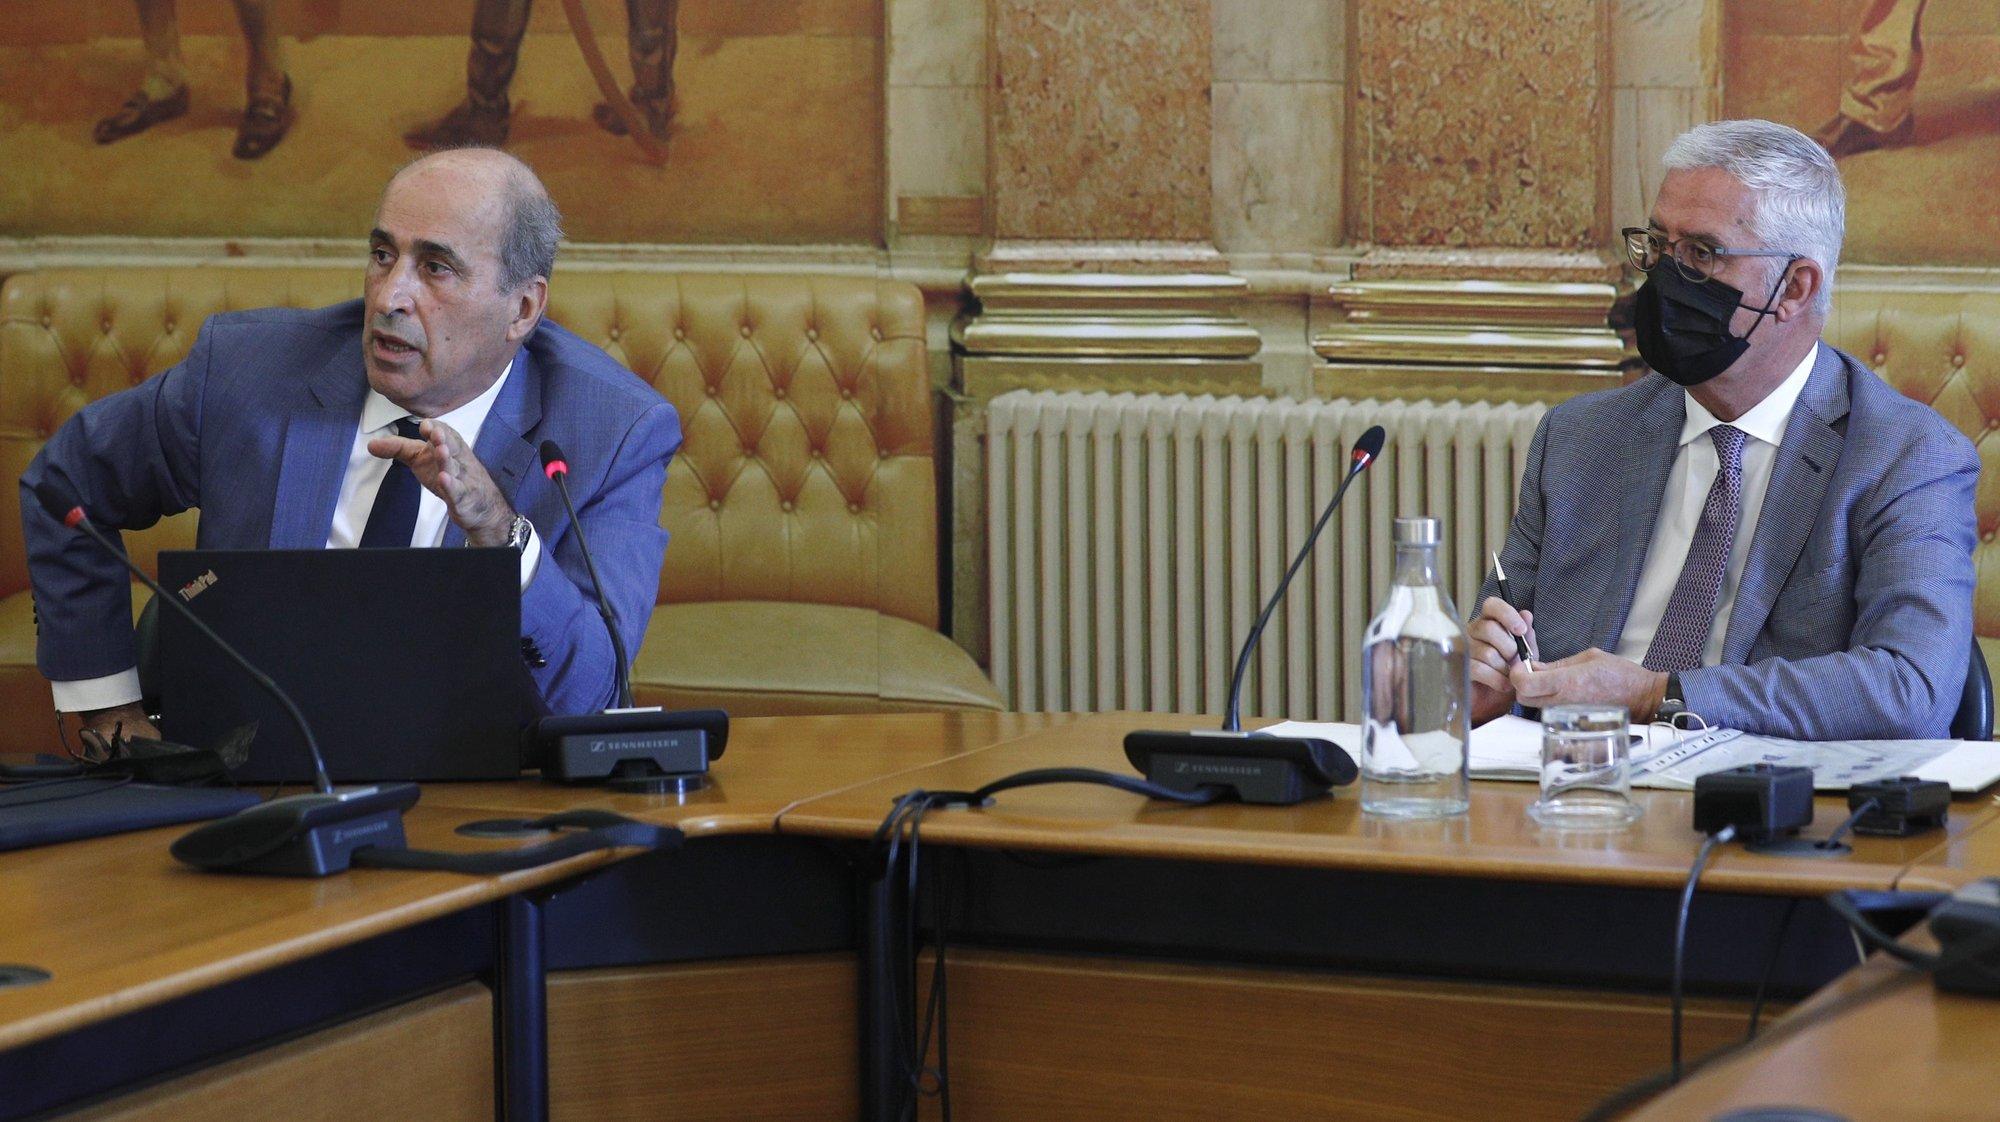 O deputado socialista e relator da  Comissão Eventual de Inquérito Parlamentar às perdas registadas pelo Novo Banco e imputadas ao Fundo de Resolução, Fernando Anastácio (E), acompanhado pelo presidente da Comissão, Fernando Negrão, durante a apresentação do relatório da referida comissão na Assembleia da República, em Lisboa, 20 de julho de 2021. ANTÓNIO COTRIM/LUSA